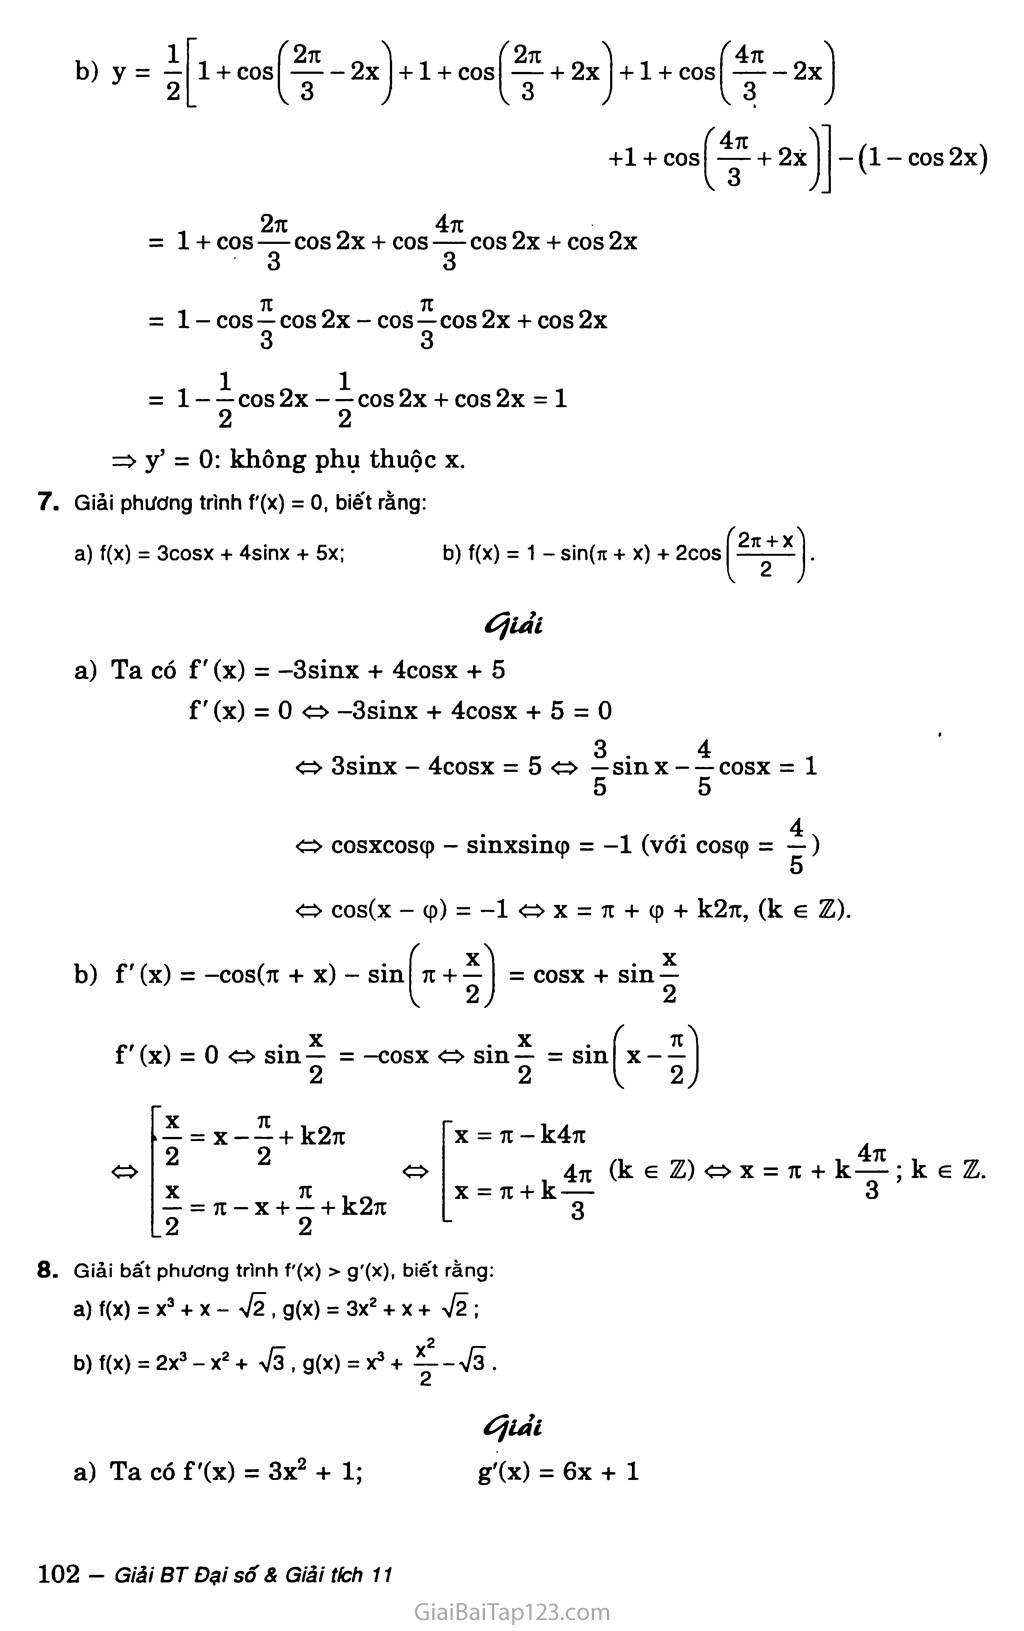 Bài 3. Đạo hàm của hàm số lượng giác trang 5